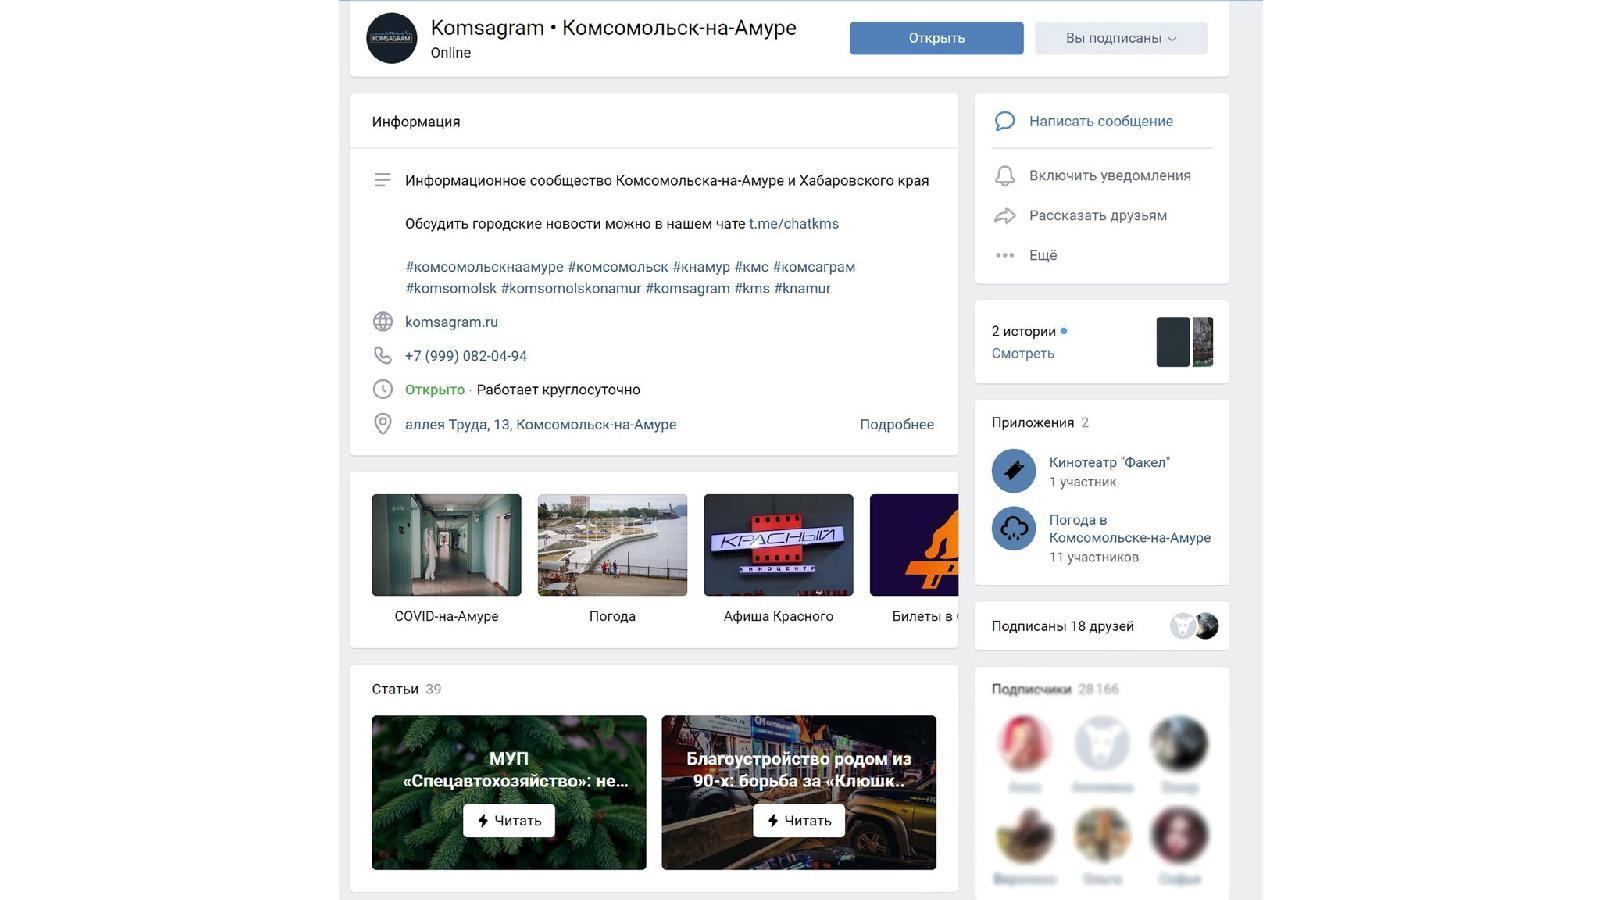 ВКонтакте на Дальнем Востоке не такая влиятельная площадка